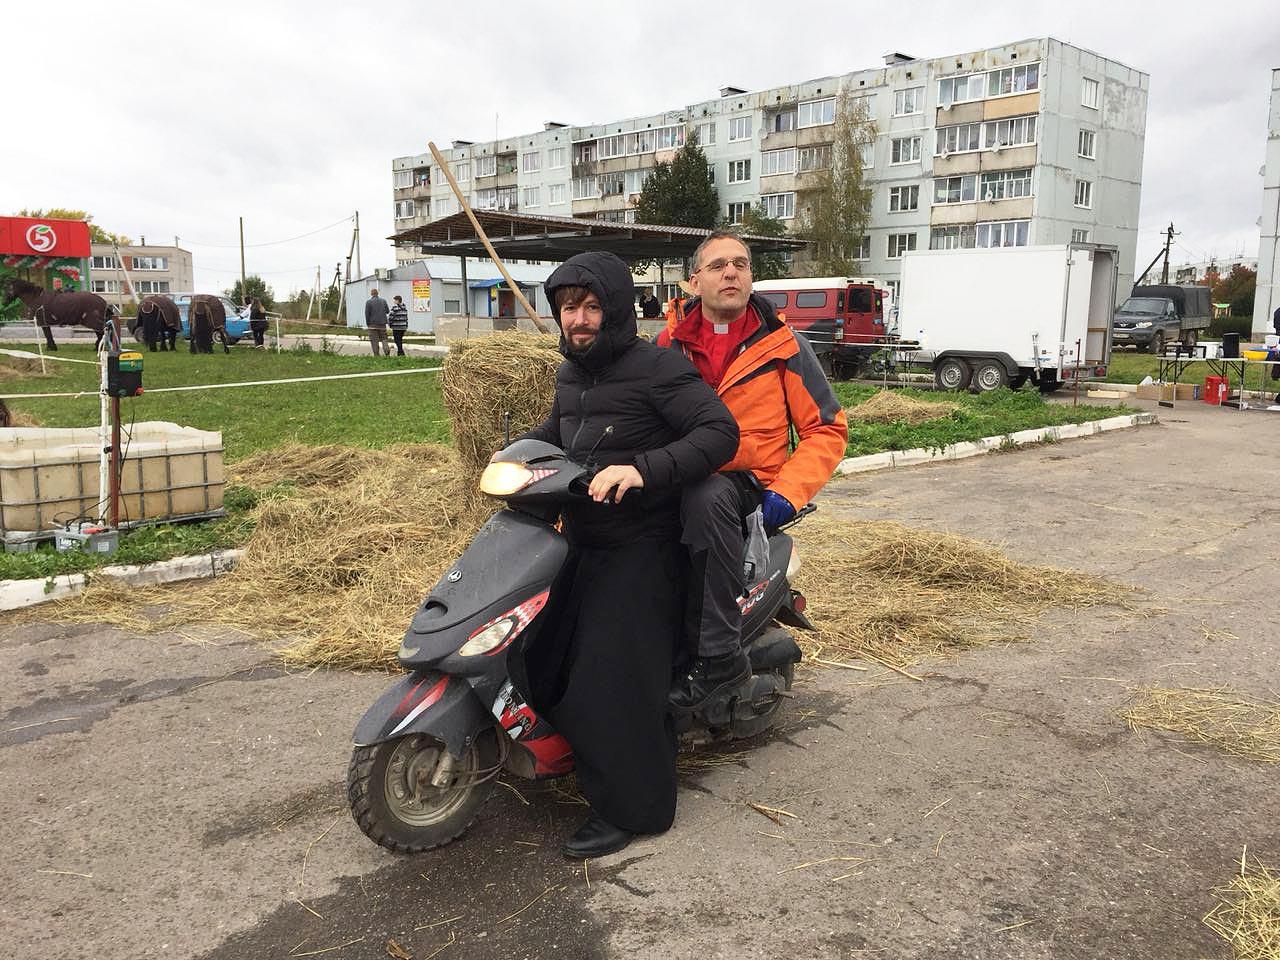 Pope Pawel Grinko mit Pfarrer Helmut Kautz auf dem Moped - Titanen on tour in Russland